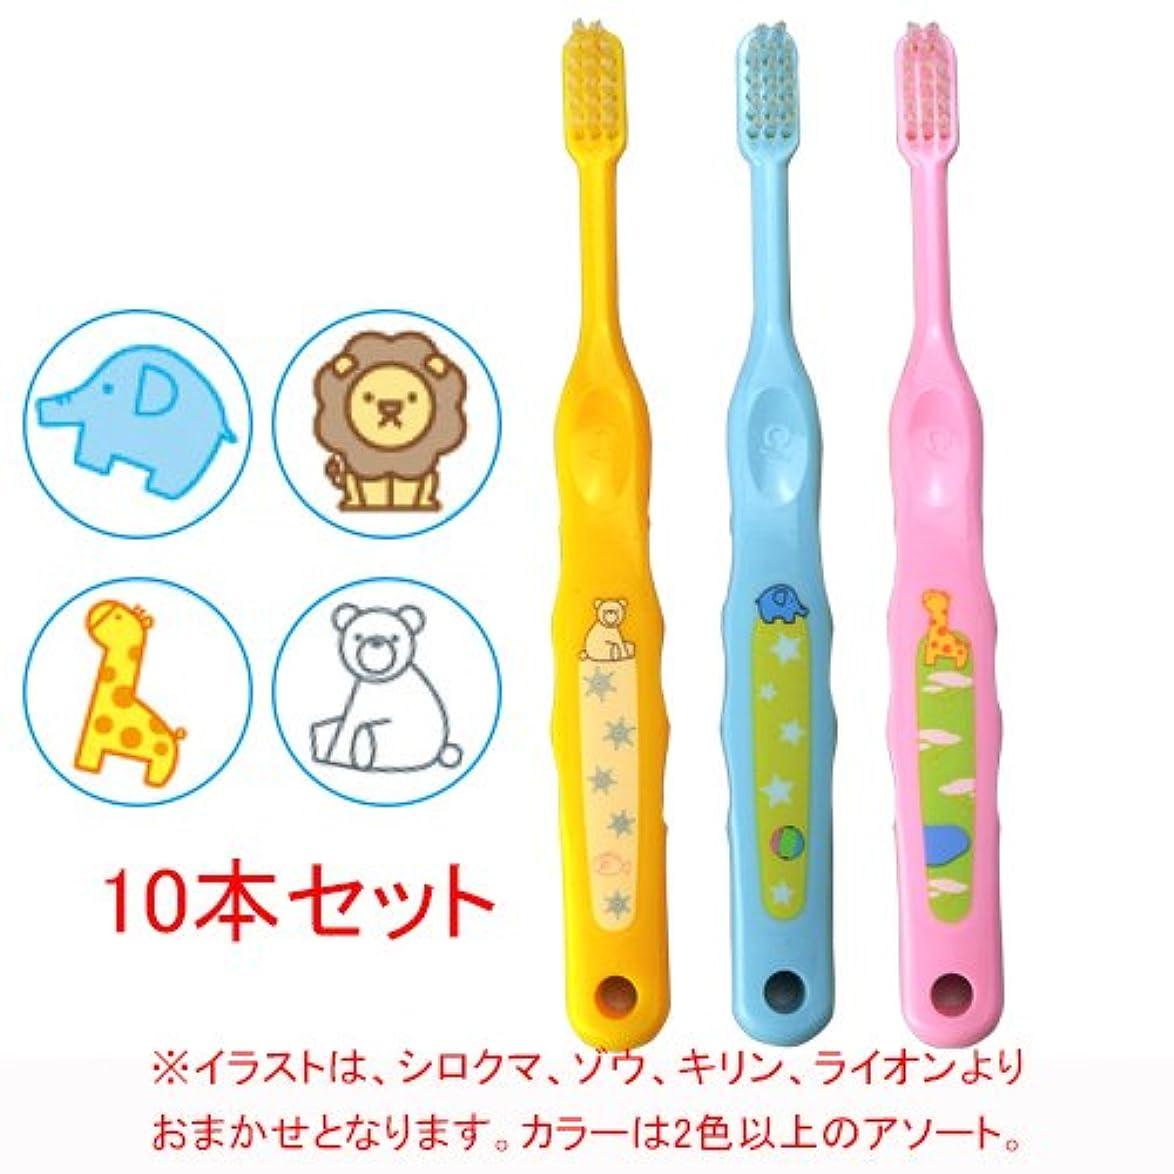 プロポーショナルスリップ反応するCiメディカル Ci なまえ歯ブラシ 503 (やわらかめ) (乳児~小学生向)10本